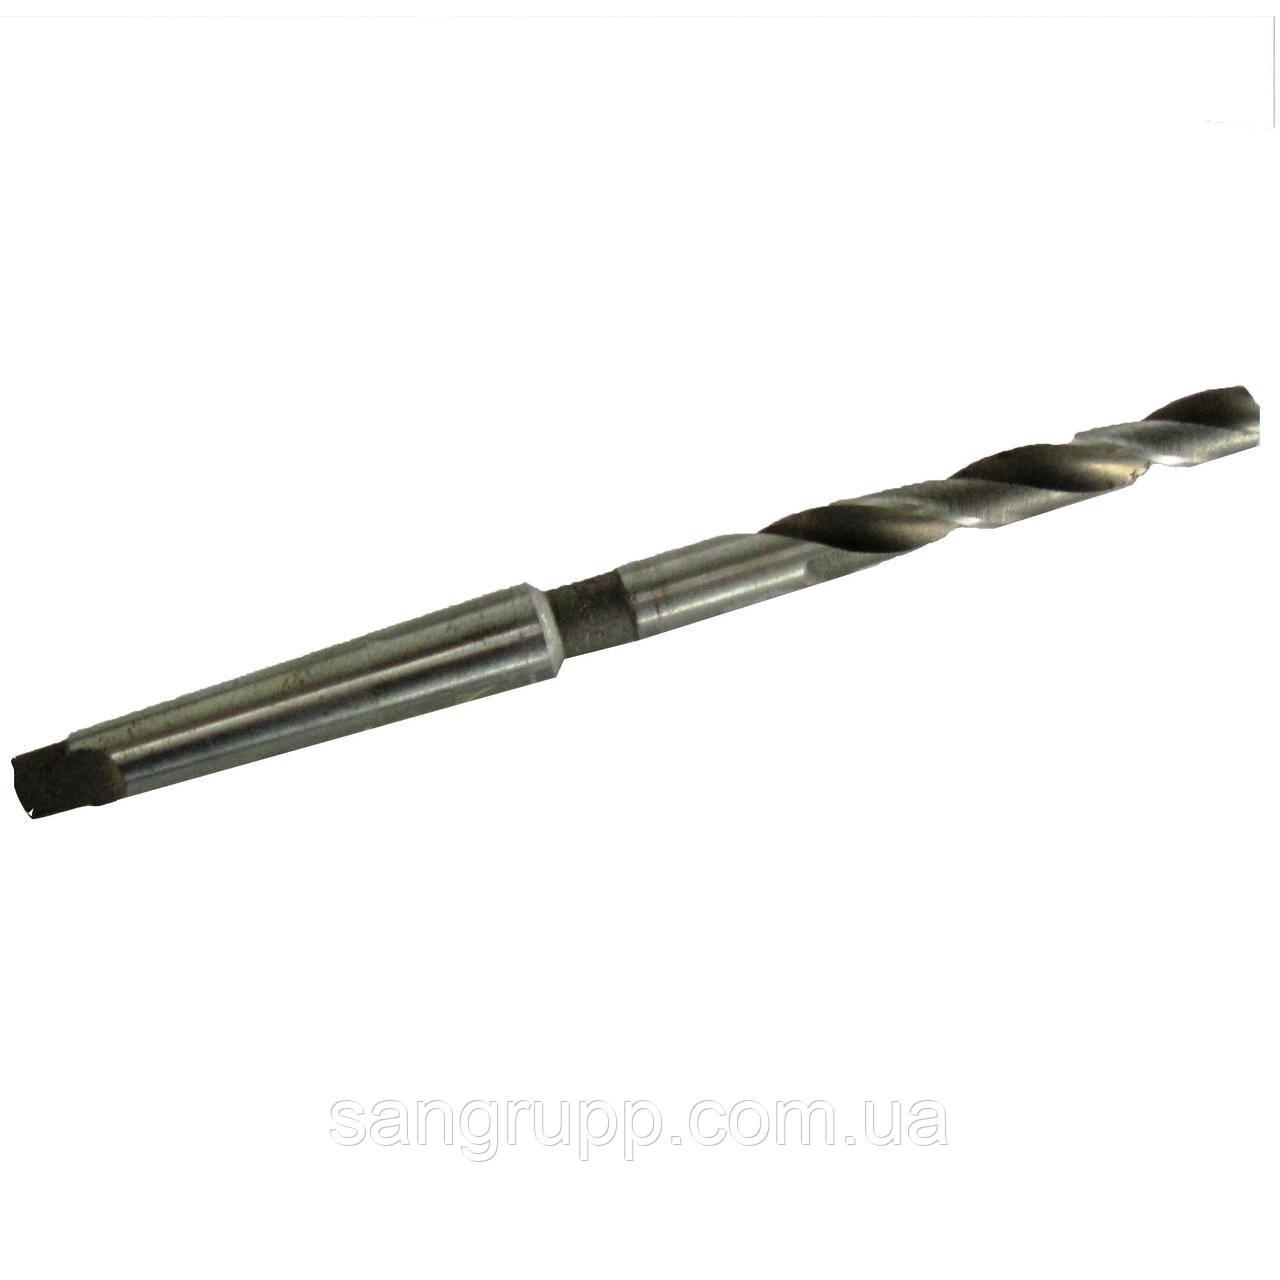 Сверло к/х 6,5 мм средняя серия Р6М5